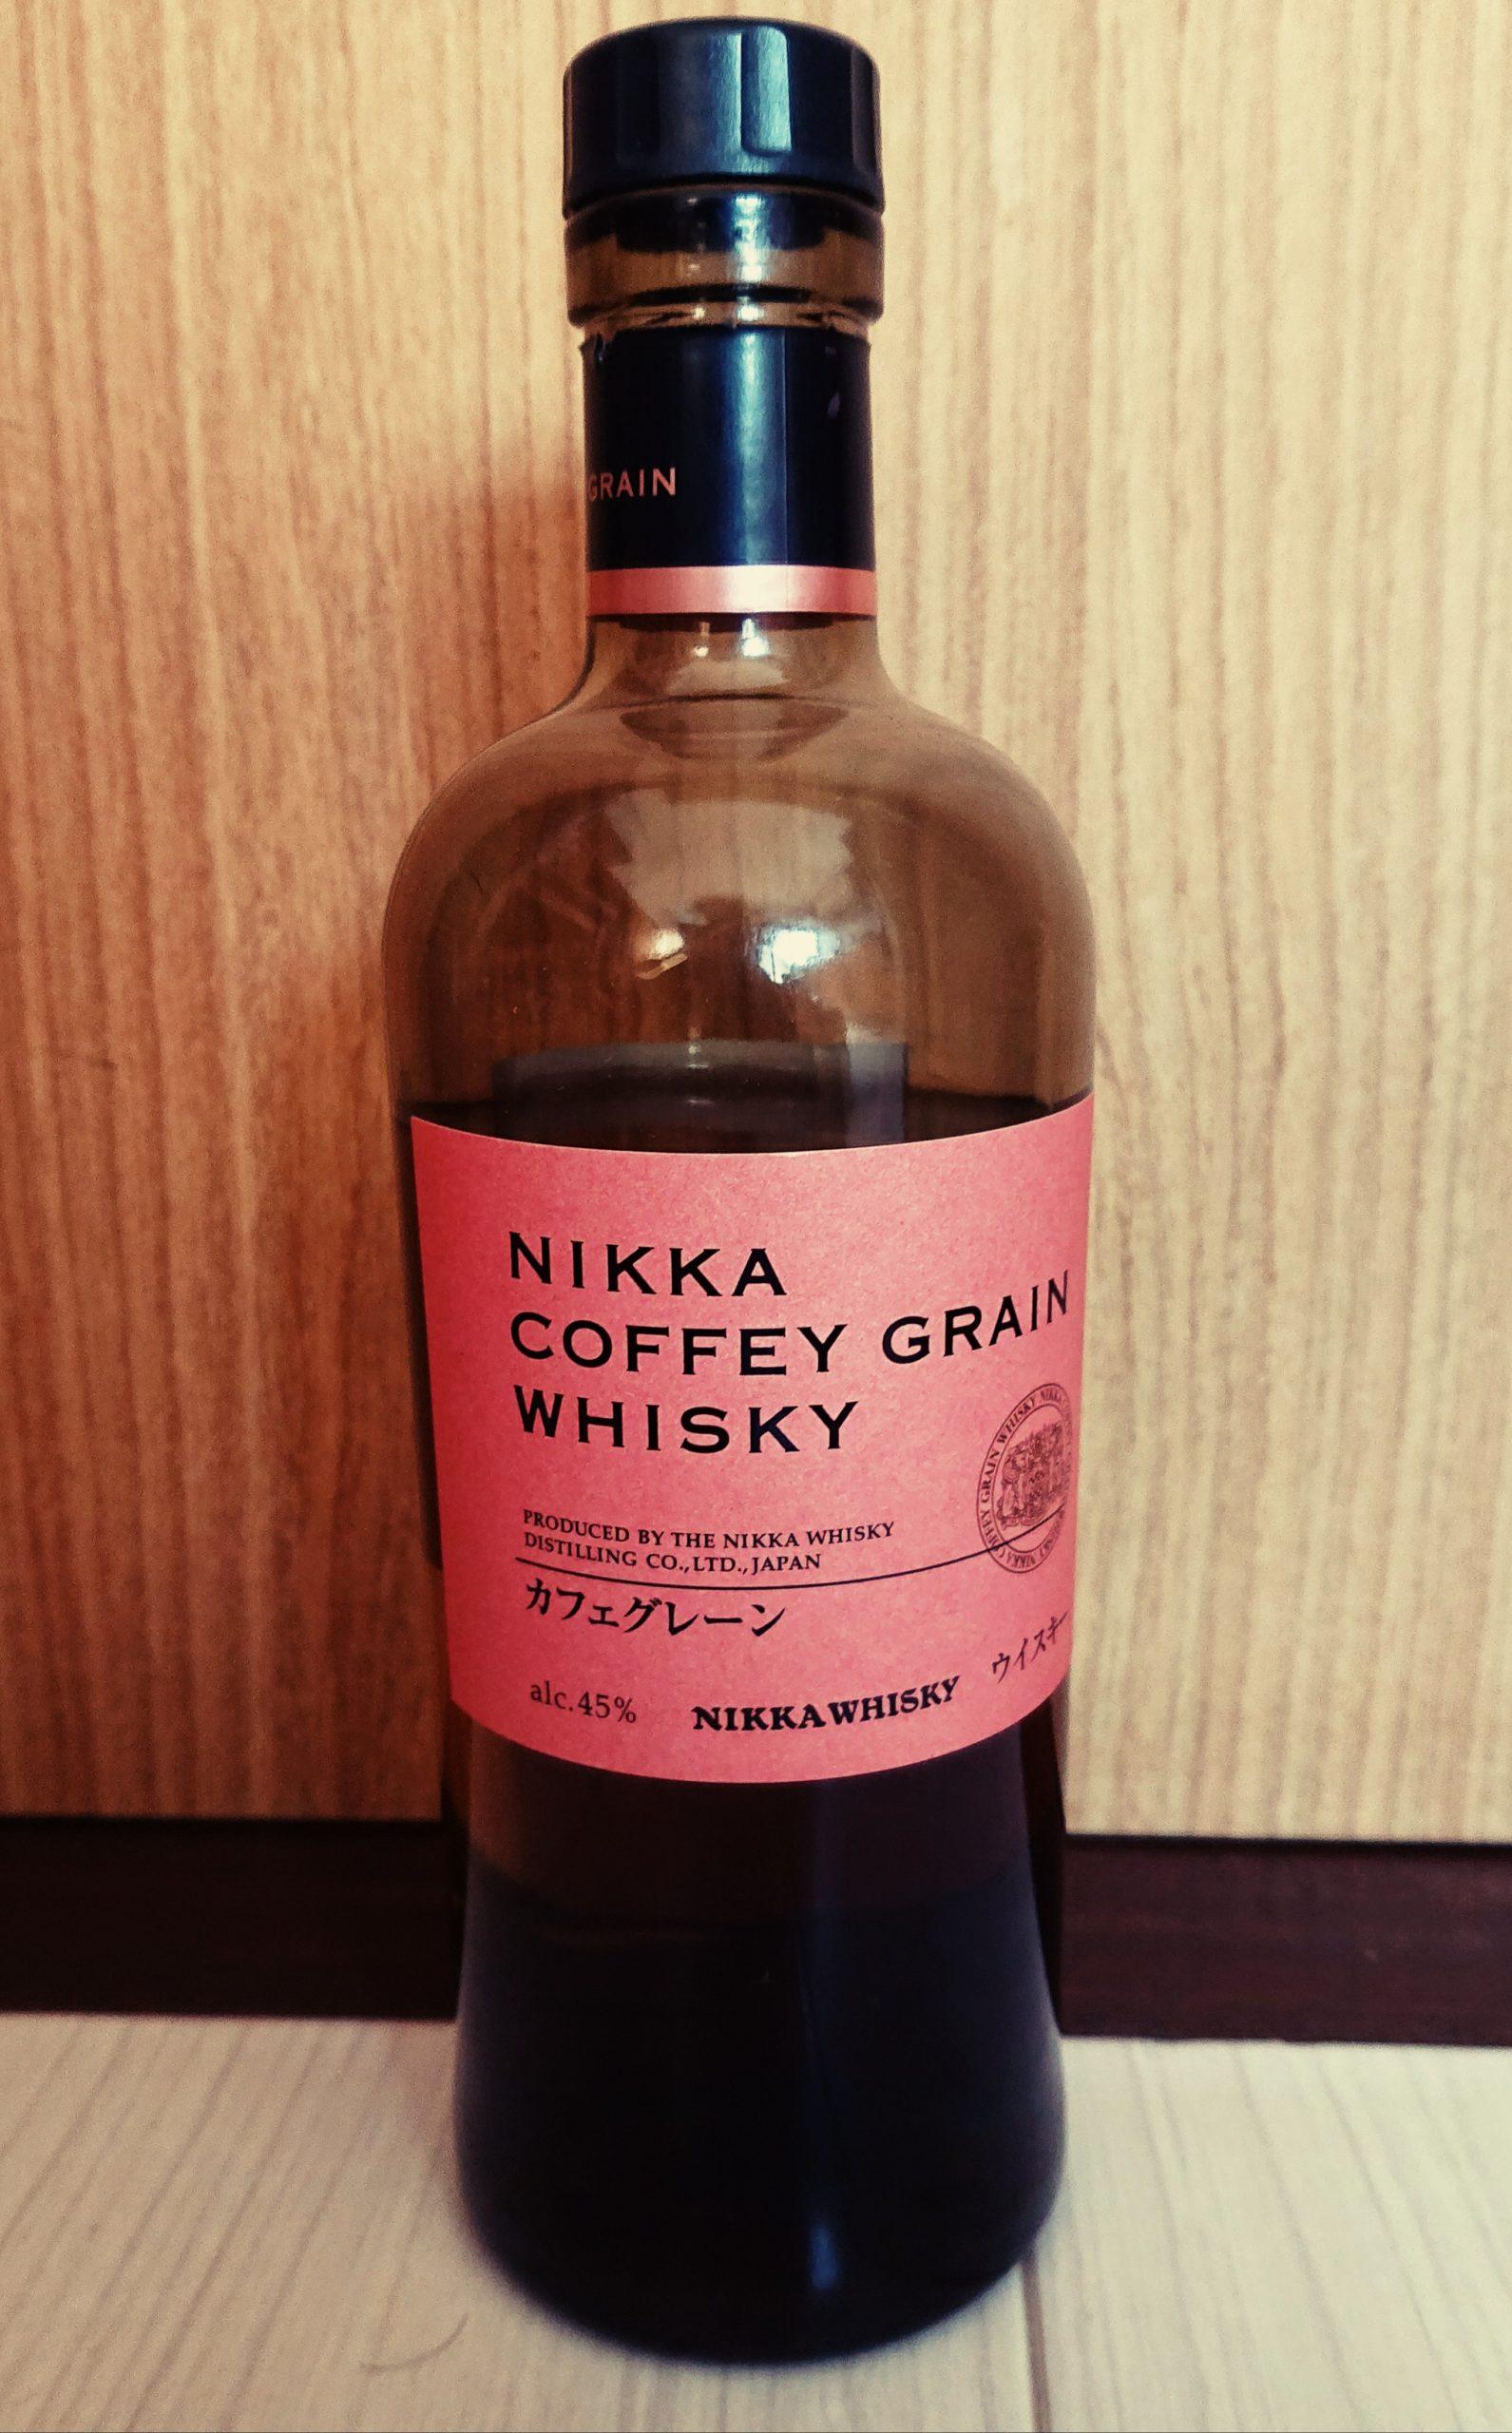 ニッカ・カフェグレーンのテイスティング・世界を魅了するデザートウィスキーその2・ニッカの生んだグレーンウィスキーの革命児